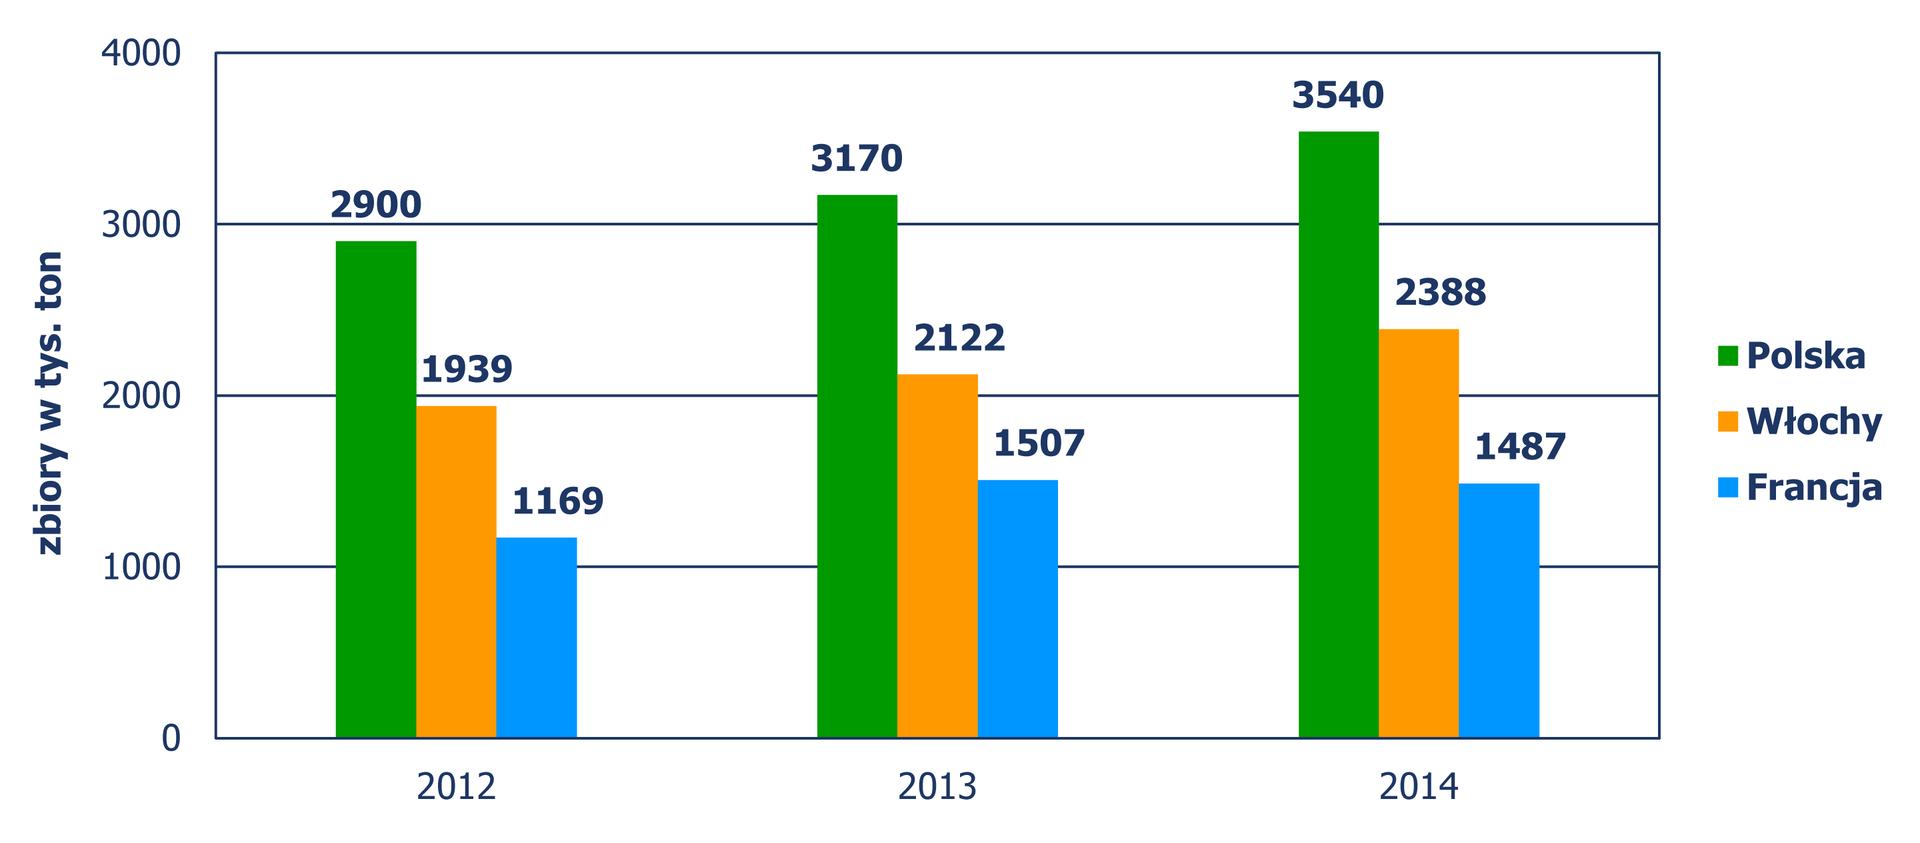 Diagram słupkowy pionowy, zktórego odczytujemy zbiory jabłek wtysiącach ton, trzech największych producentów jabłek Unii Europejskiej wlatach 2012, 2013, 2014. Rok 2012 Polska – 2900, Włochy – 1939, Francja – 1169. Rok 2013 Polska – 3170, Włochy – 2122, Francja – 1507. Rok 2014 Polska – 3540, Włochy – 2388, Francja – 1487.